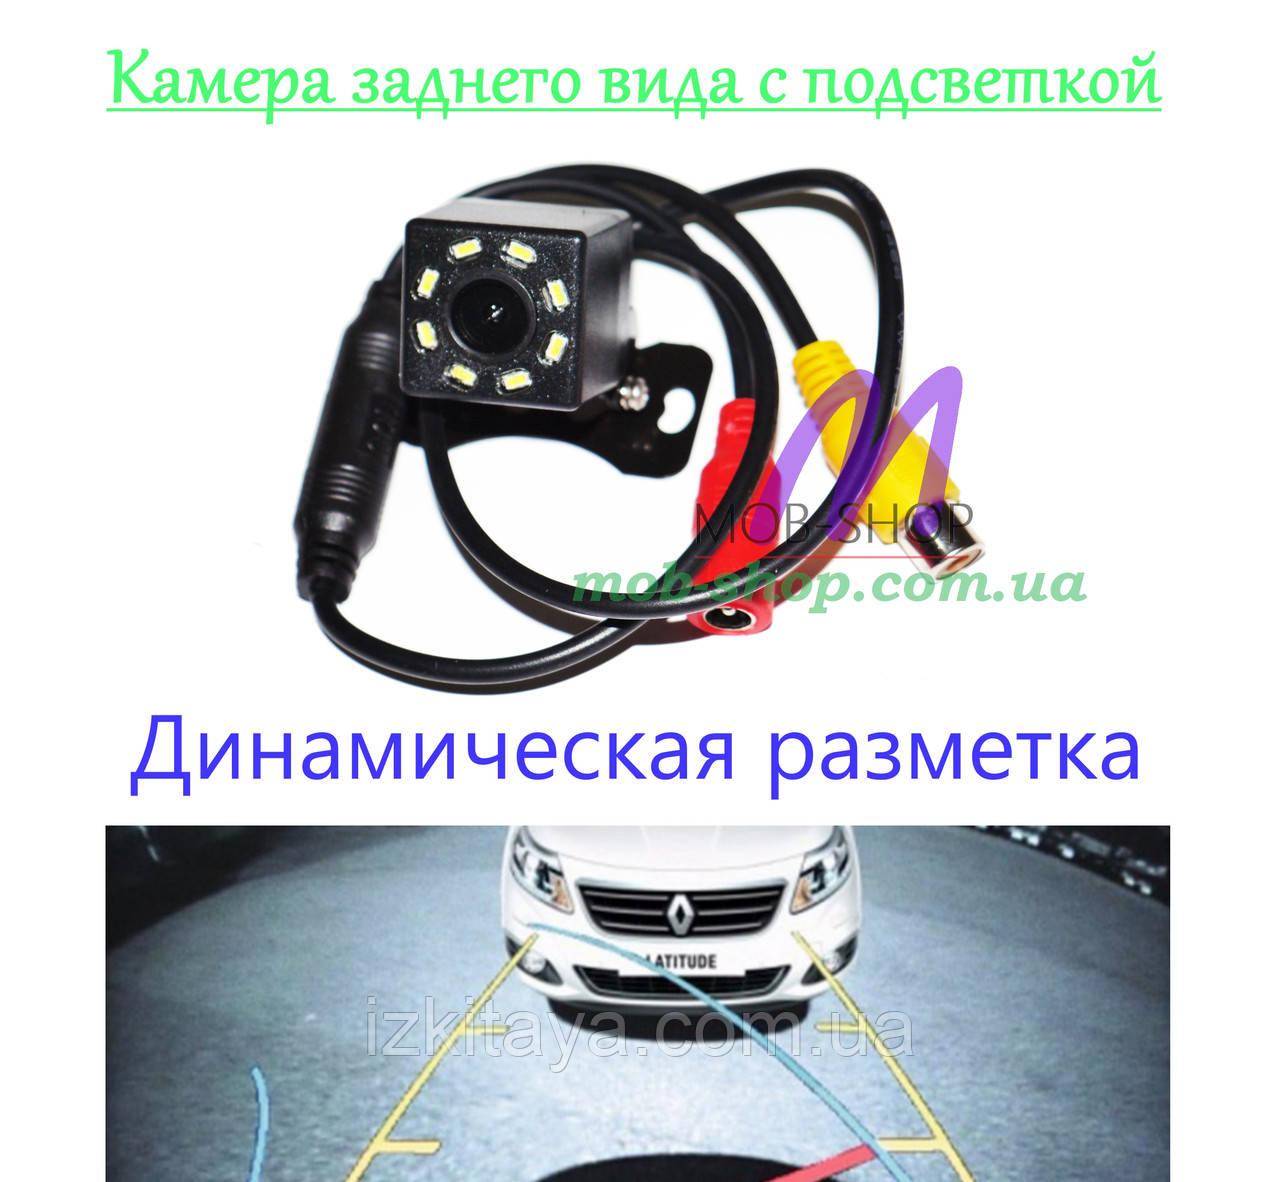 Автомобільна камера заднього виду 102 автокамера з динамічною розміткою, паркувальними лініями і